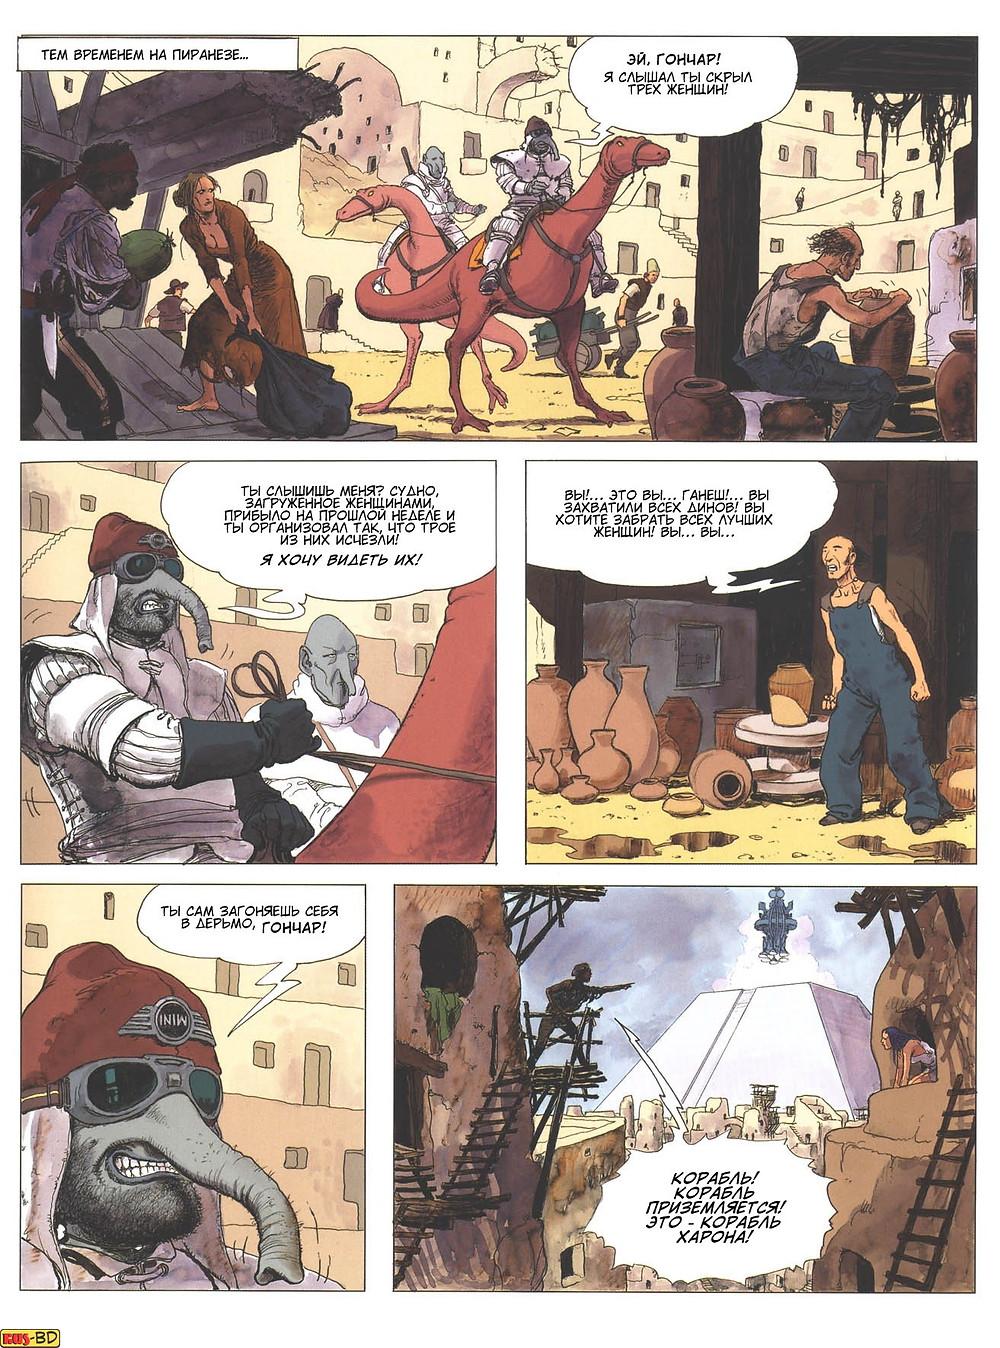 Эротический комикс на русском. Мило Манара. Пиранезе - планета тюрьма. Страница 12